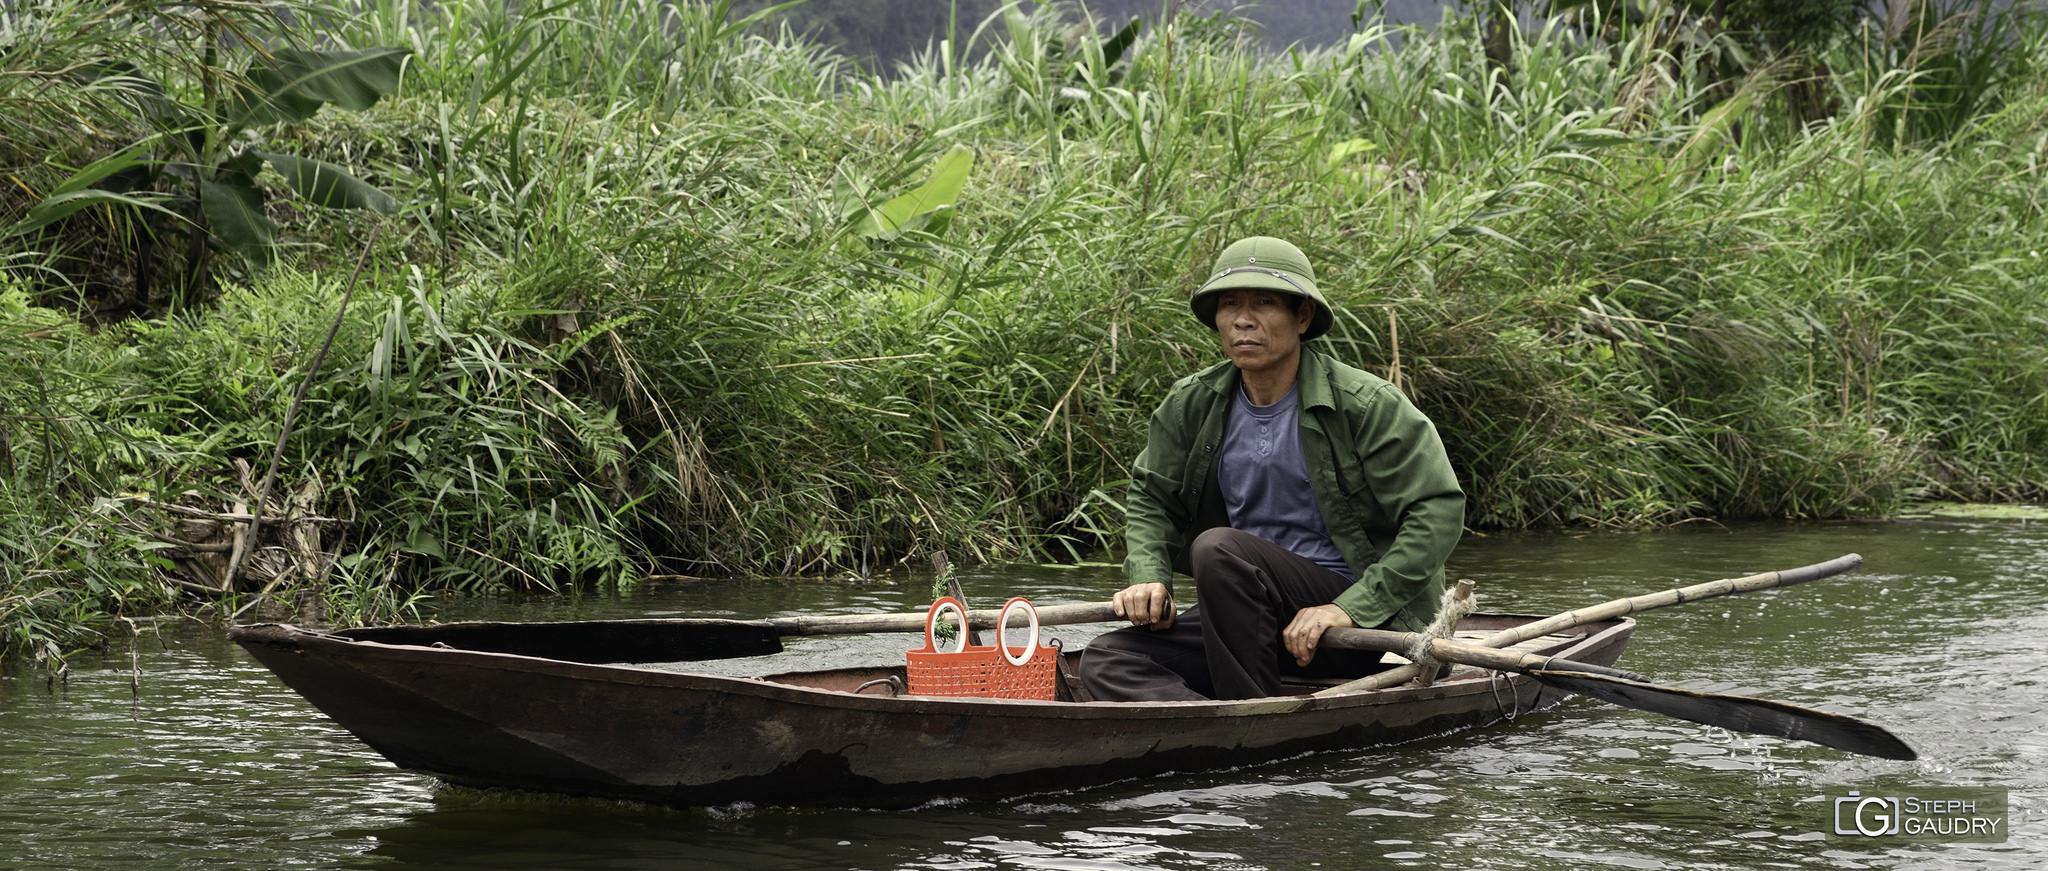 Barque sur la rivière Ngo Dong (Vietnam) [Click to start slideshow]